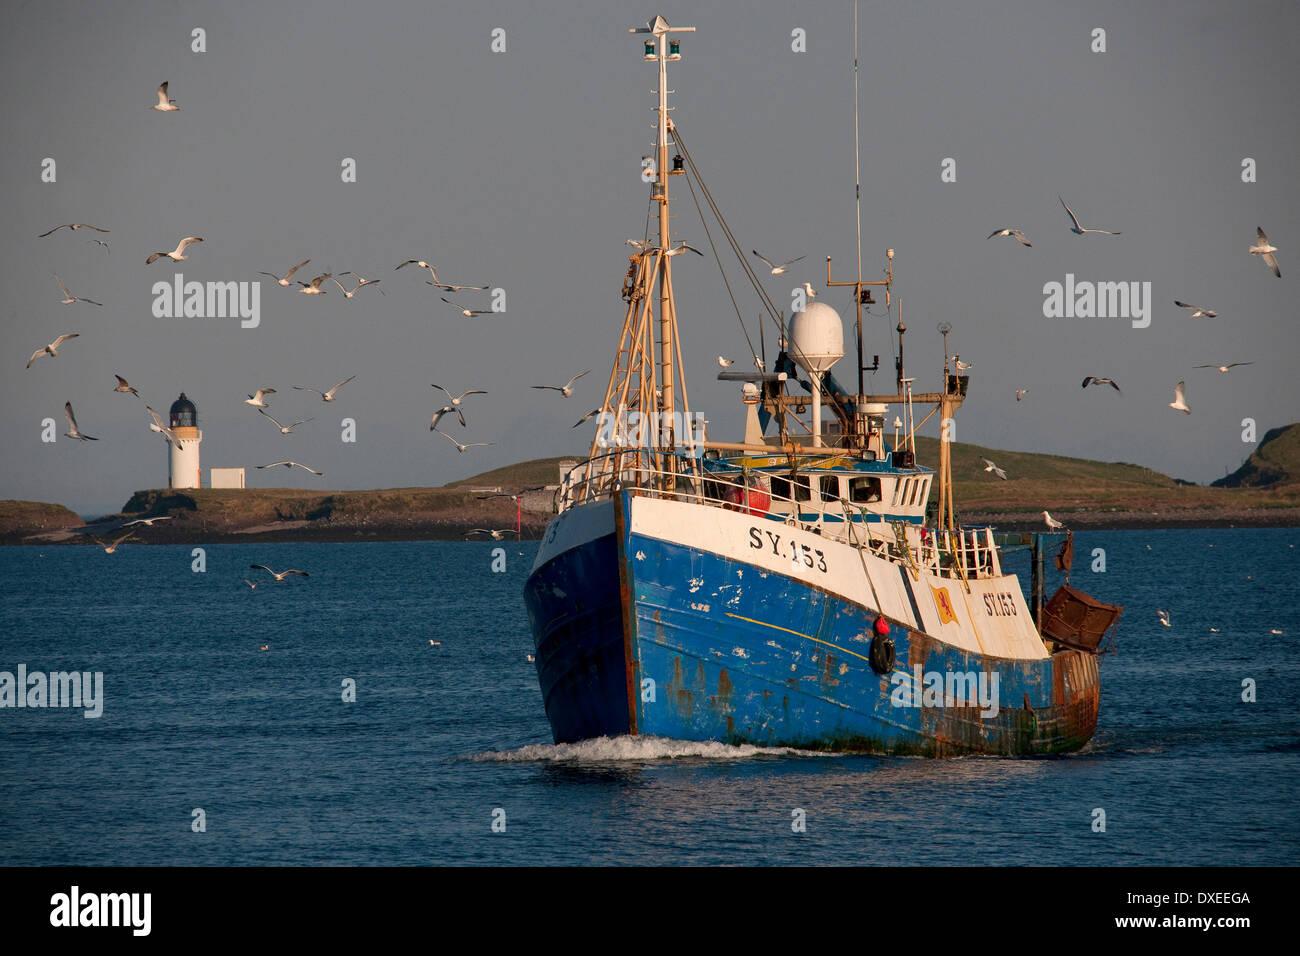 Bateau de pêche écossais chefs retour à Stornoway harbour,Ile-de-lewis.Hébrides. Photo Stock